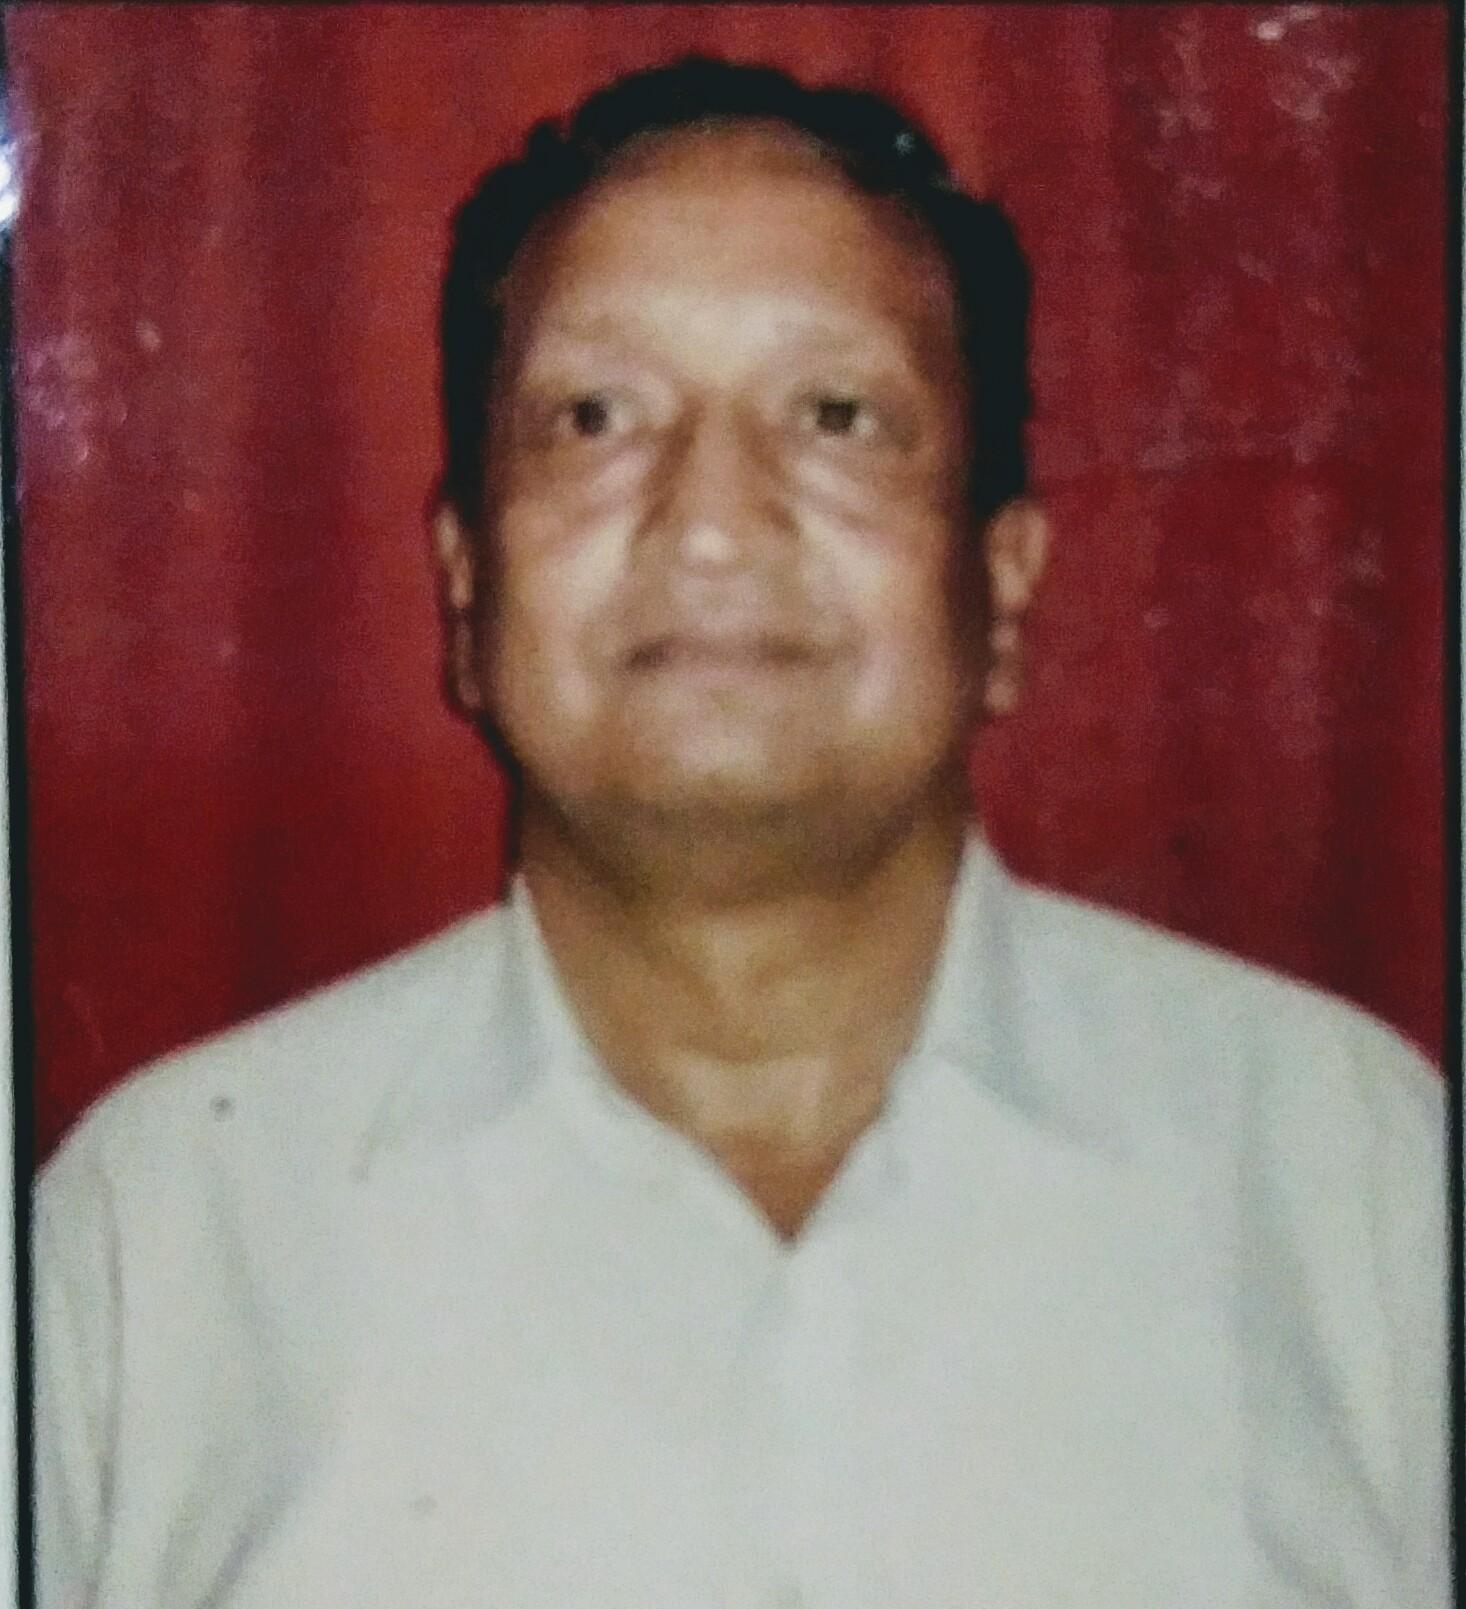 कृष्ण कुमार सिंघल